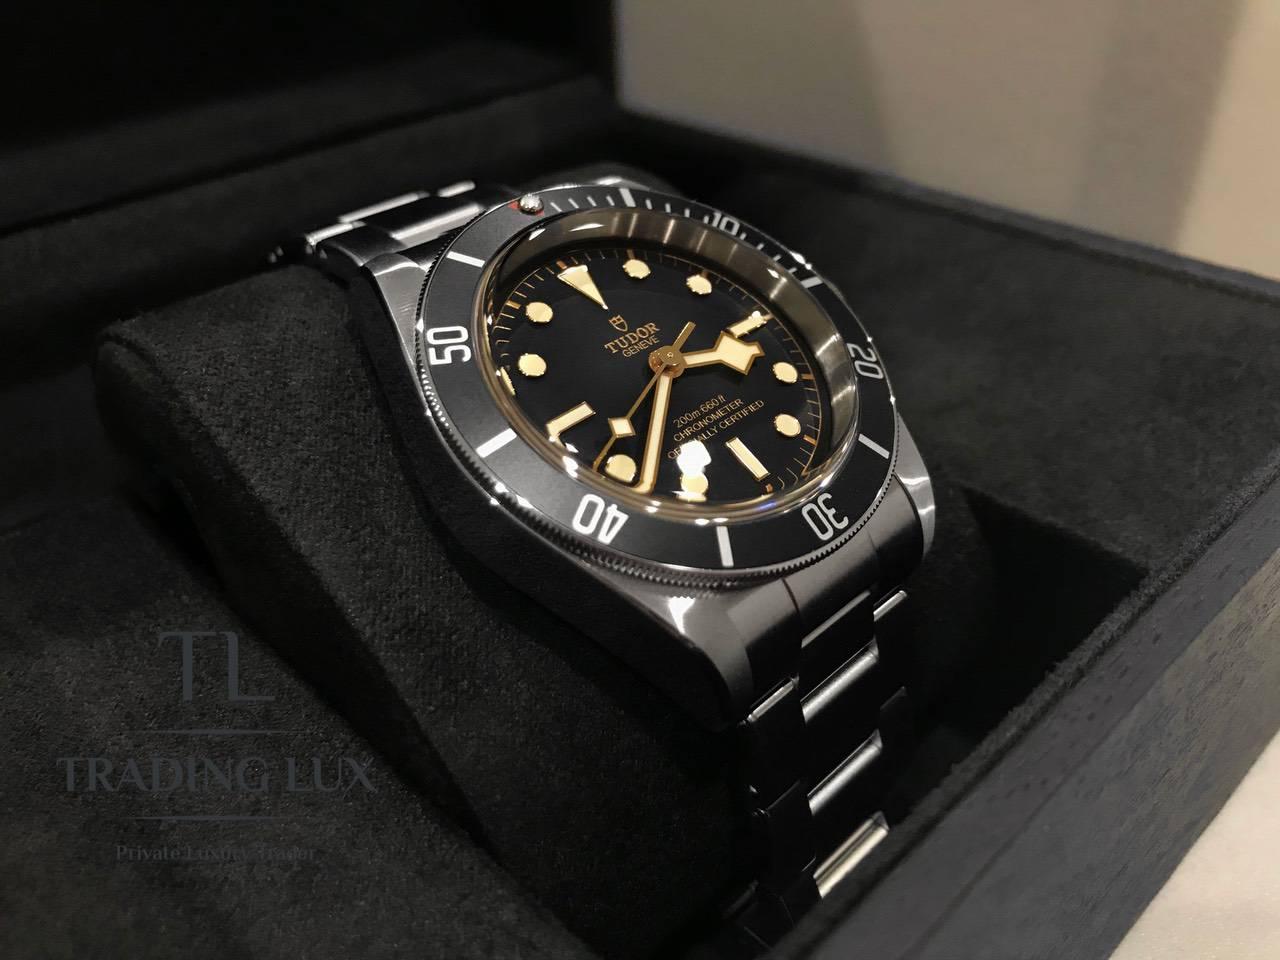 Tudor-Black-Bay-79230N-8